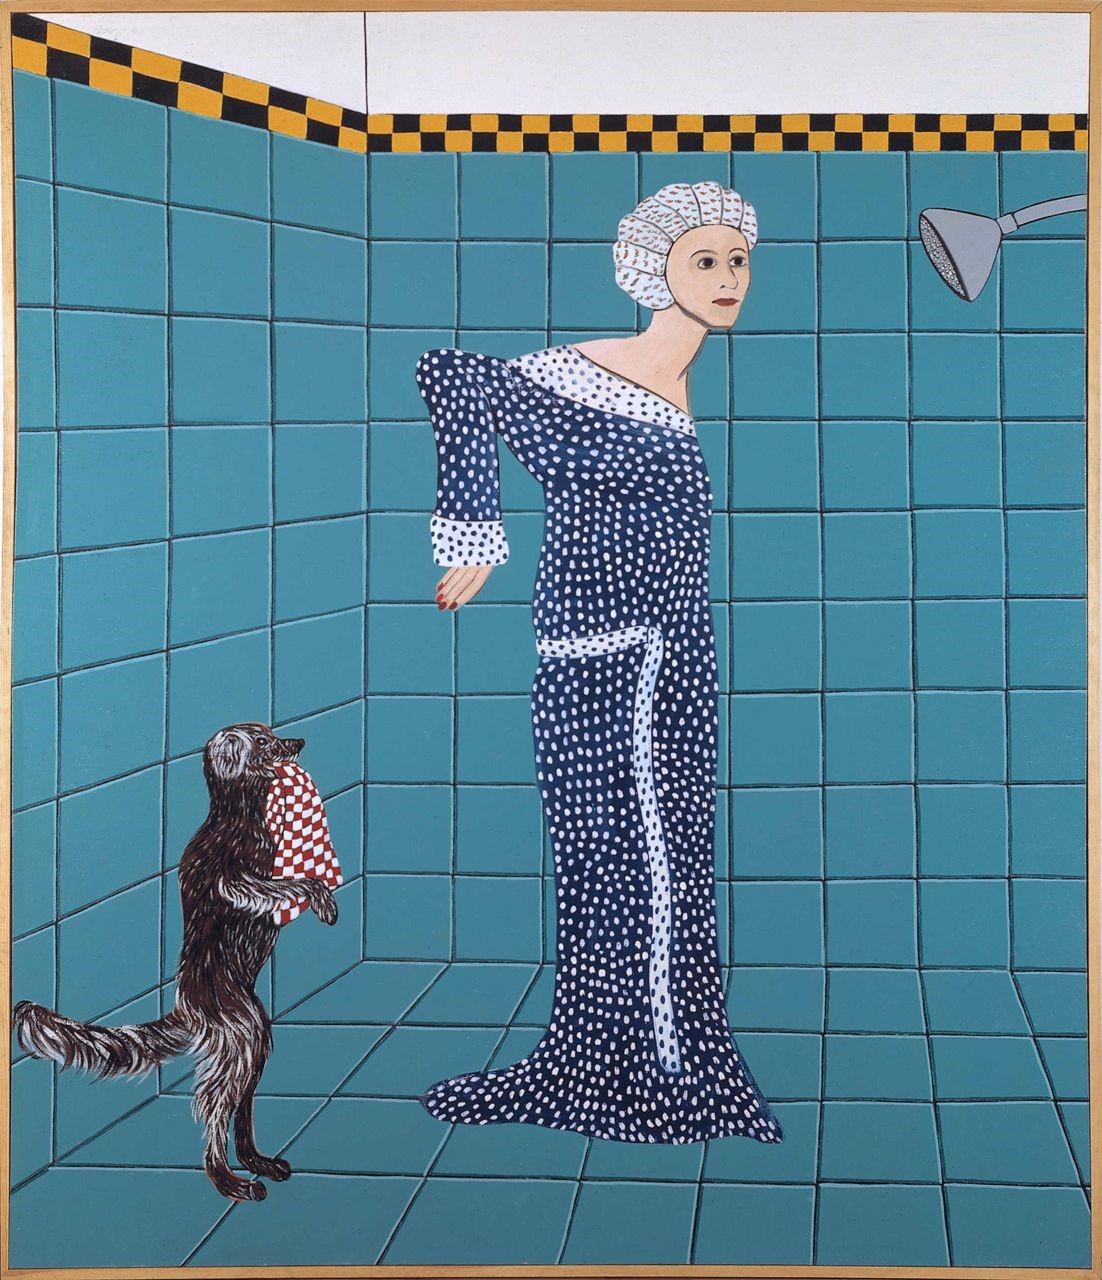 Duşa girmeye hazırlanan kadın 1975